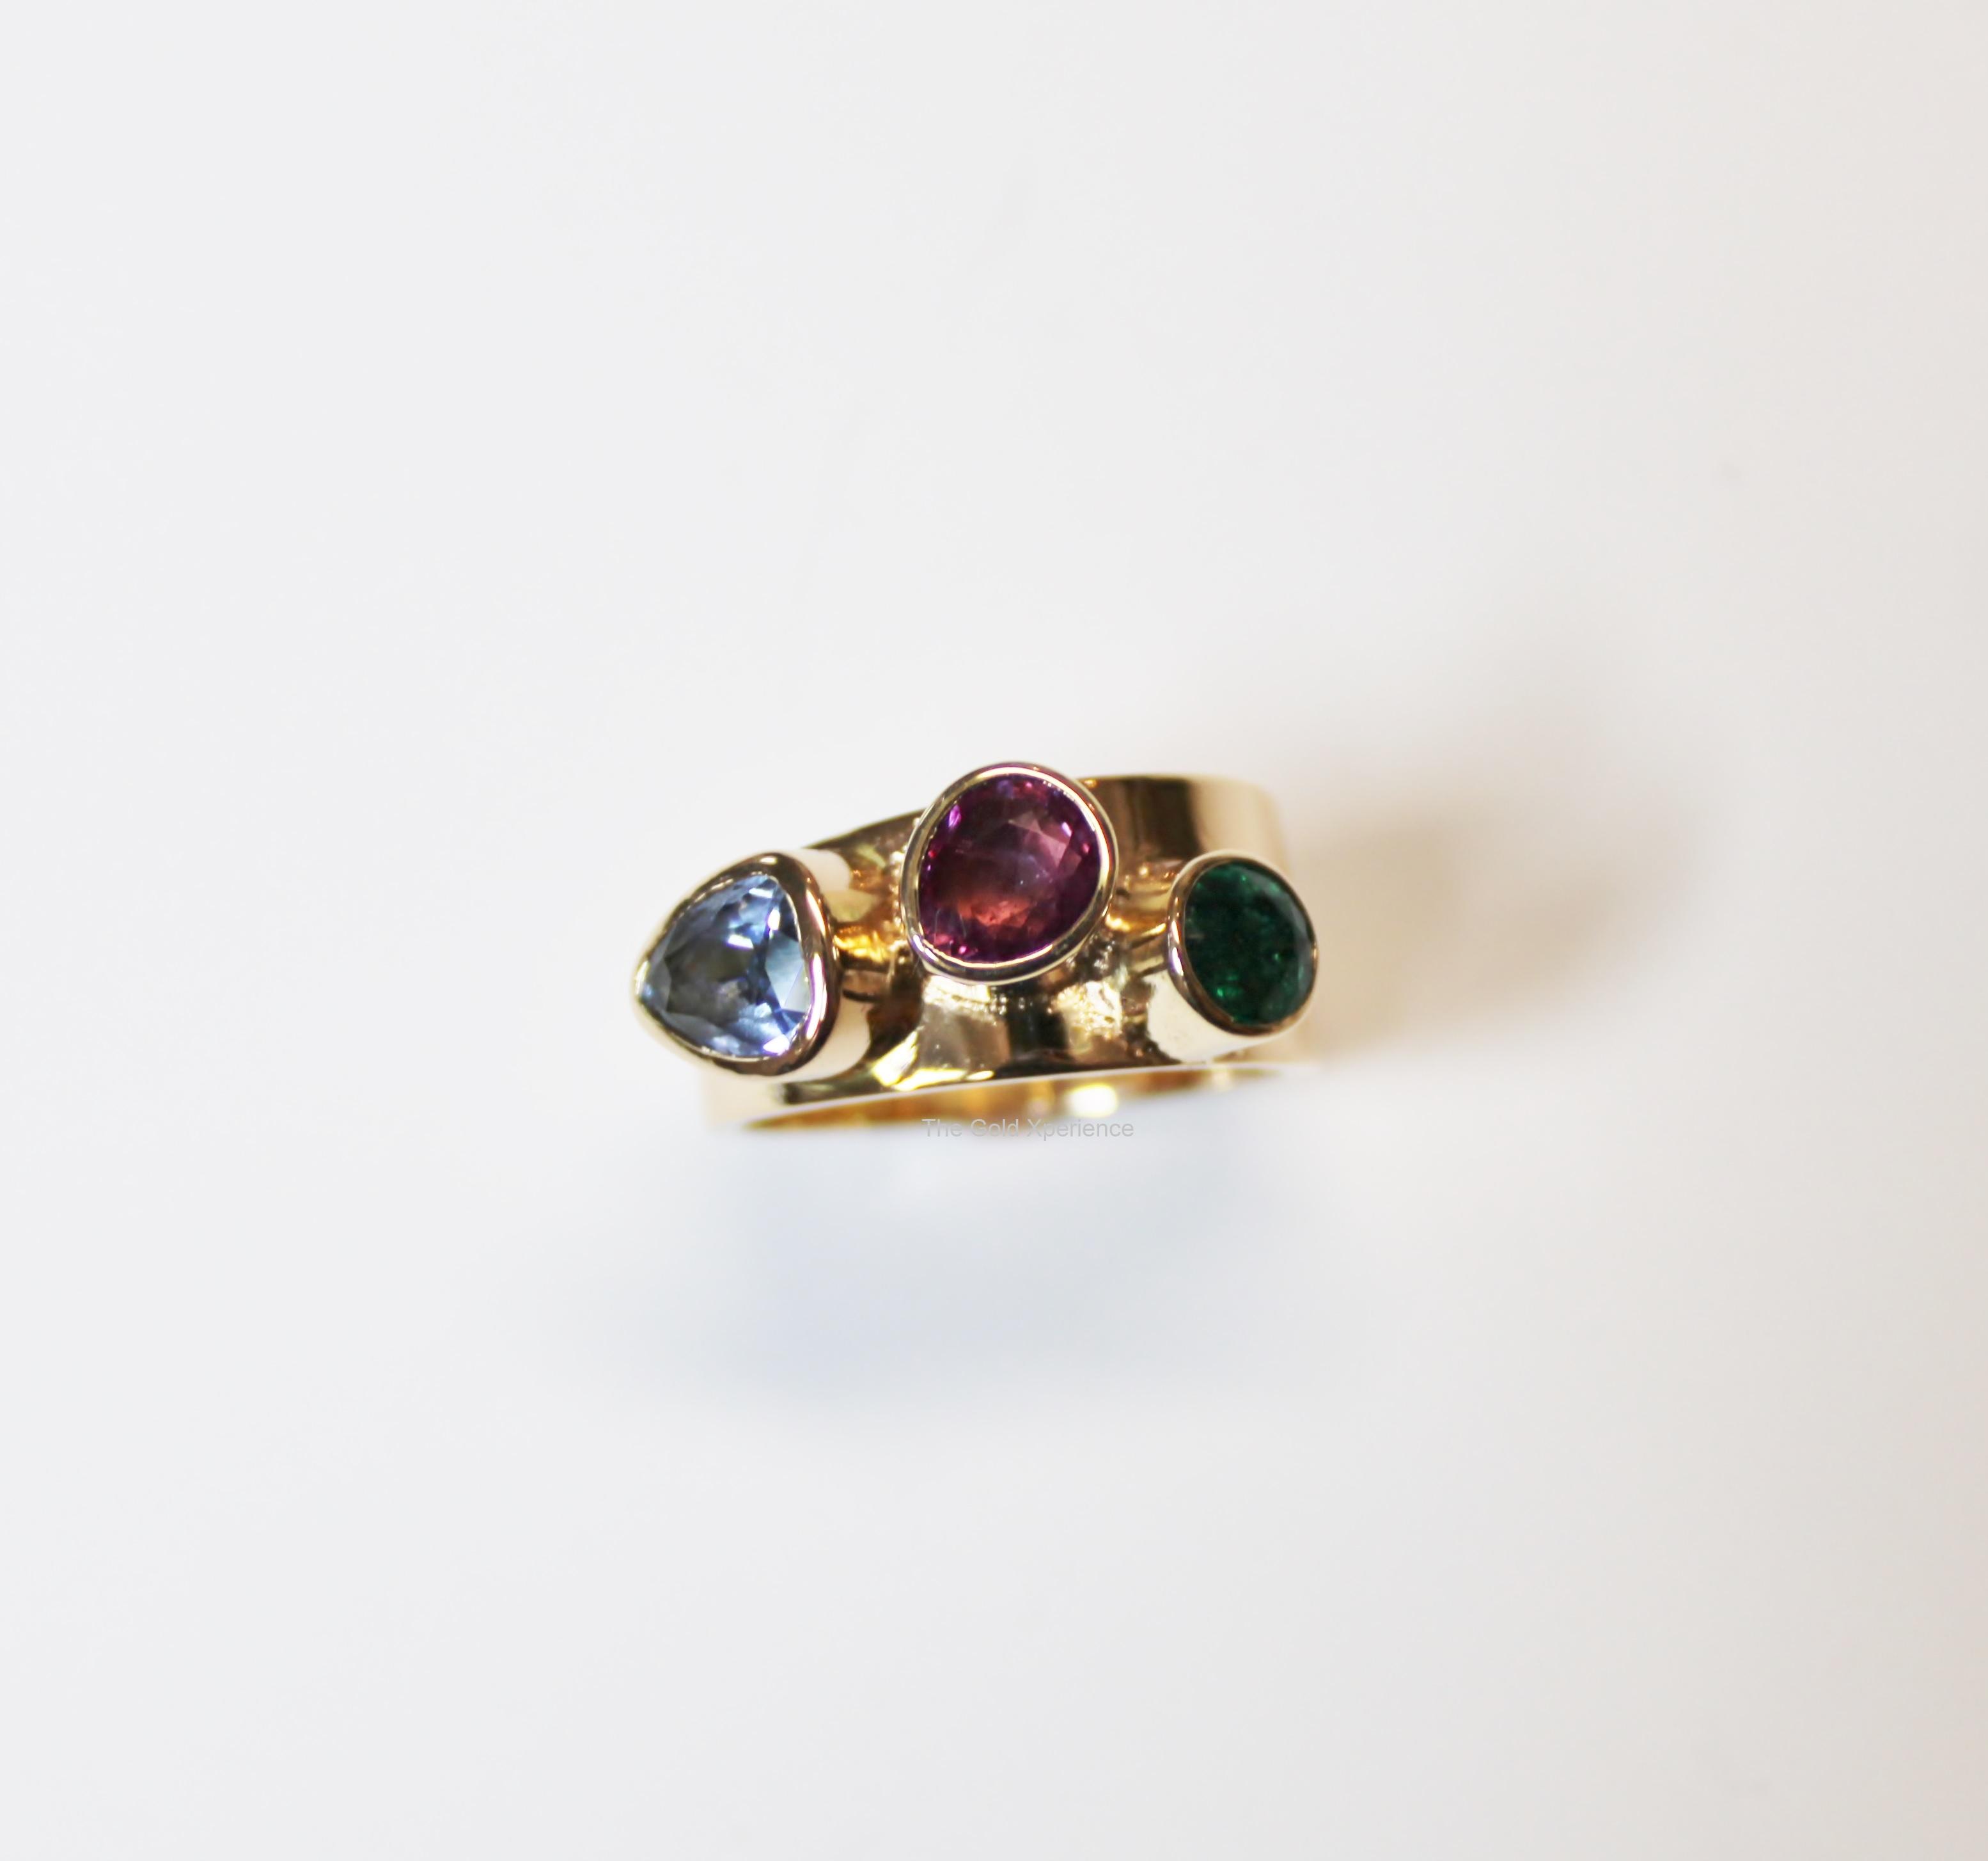 Kom naar de juwelenexpositie in Amsterdam